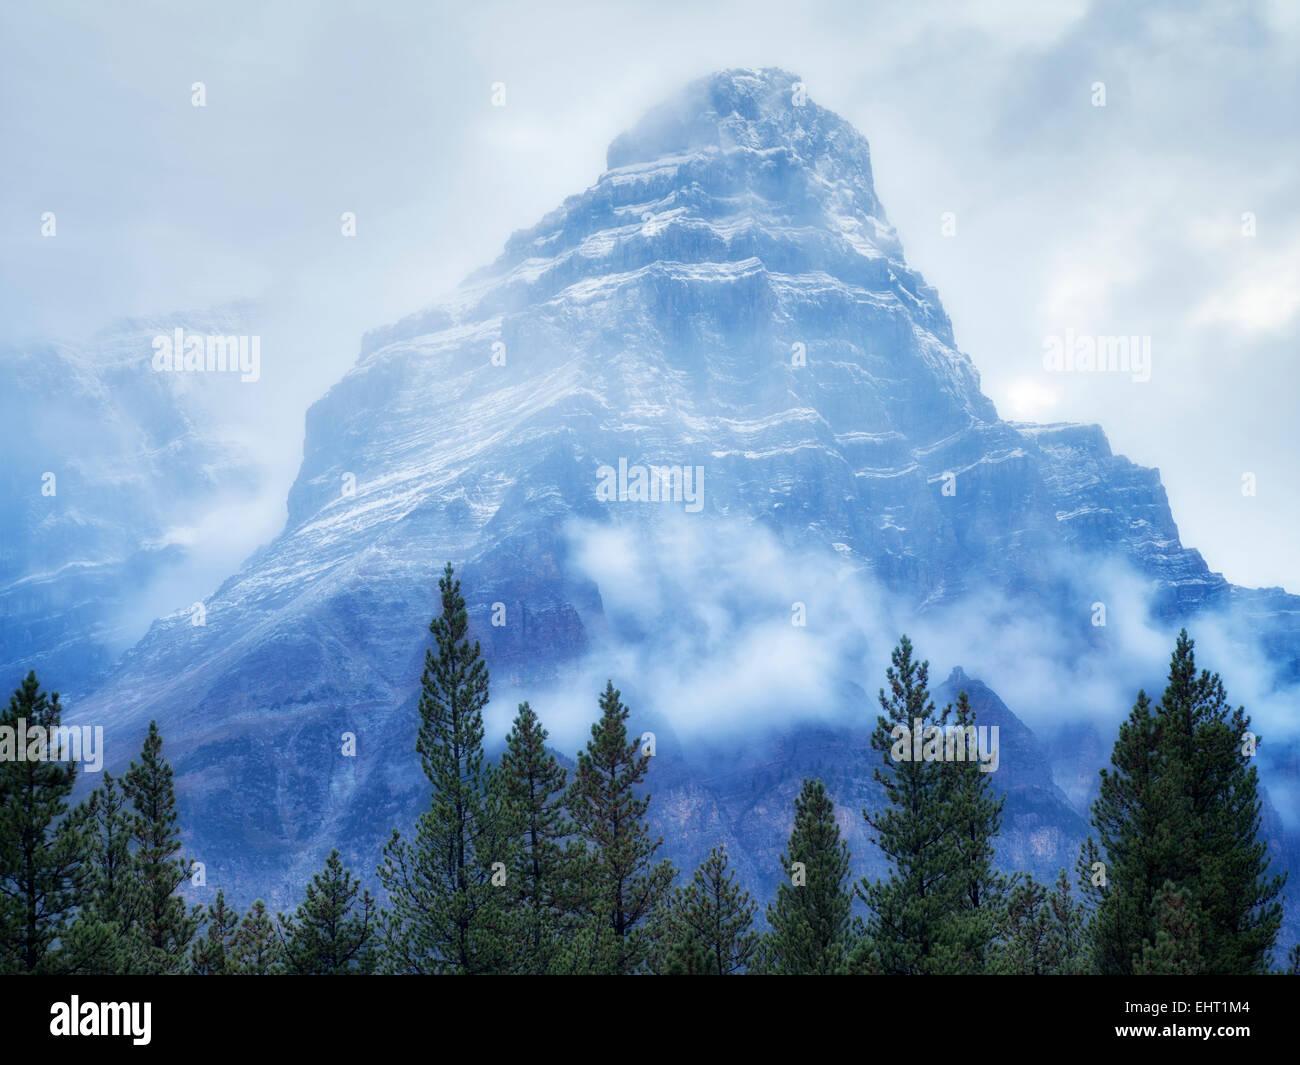 Mt. Chephren en la niebla y la lluvia/nieve. Parque Nacional de Banff, Alberta, Canadá Imagen De Stock